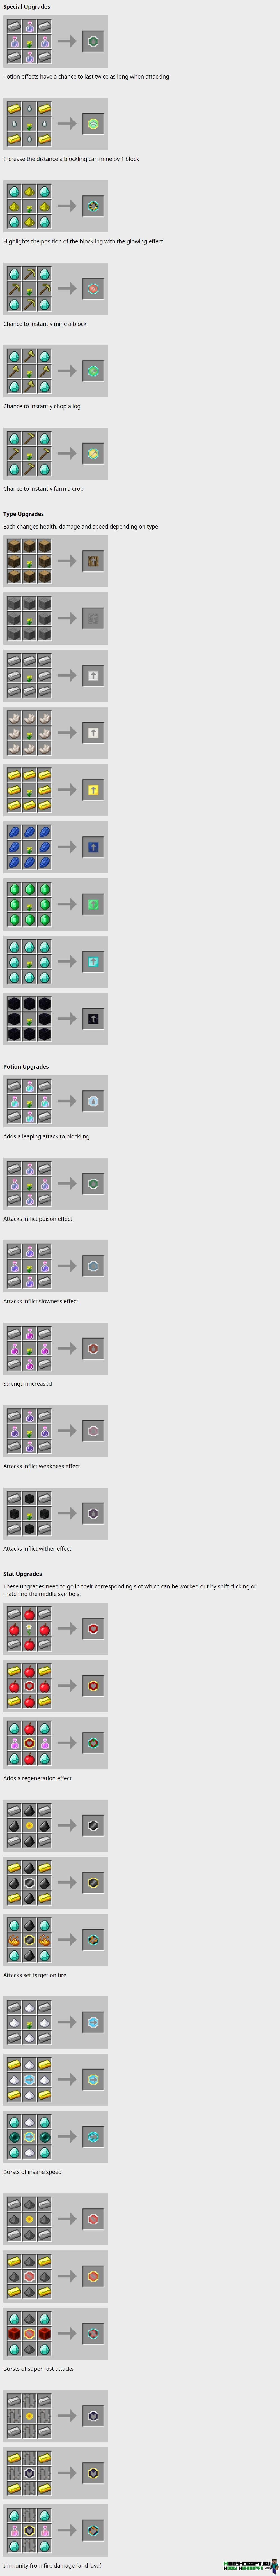 Блоклинги - Blocklings мод для minecraft 1.11.2 1.10.2 1.9.4 1.8 1.7.10 1.7.2